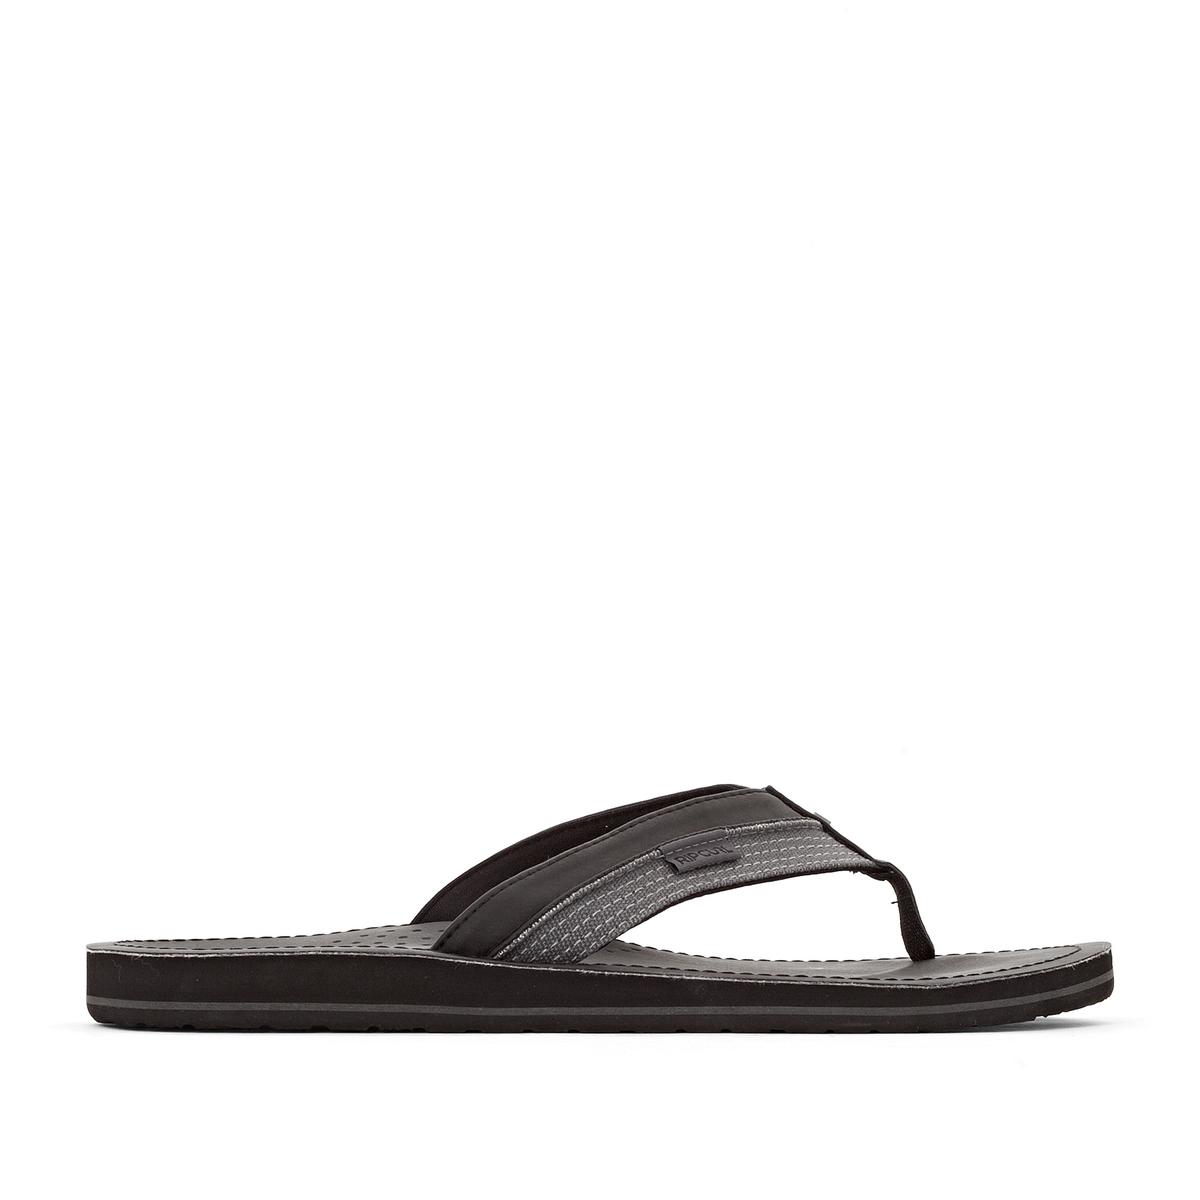 Вьетнамки OxВерх/Голенище : синтетика     Стелька : синтетика     Подошва : каучук     Форма каблука : плоский каблук     Мысок : открытый мысок     Застежка : без застежки<br><br>Цвет: черный